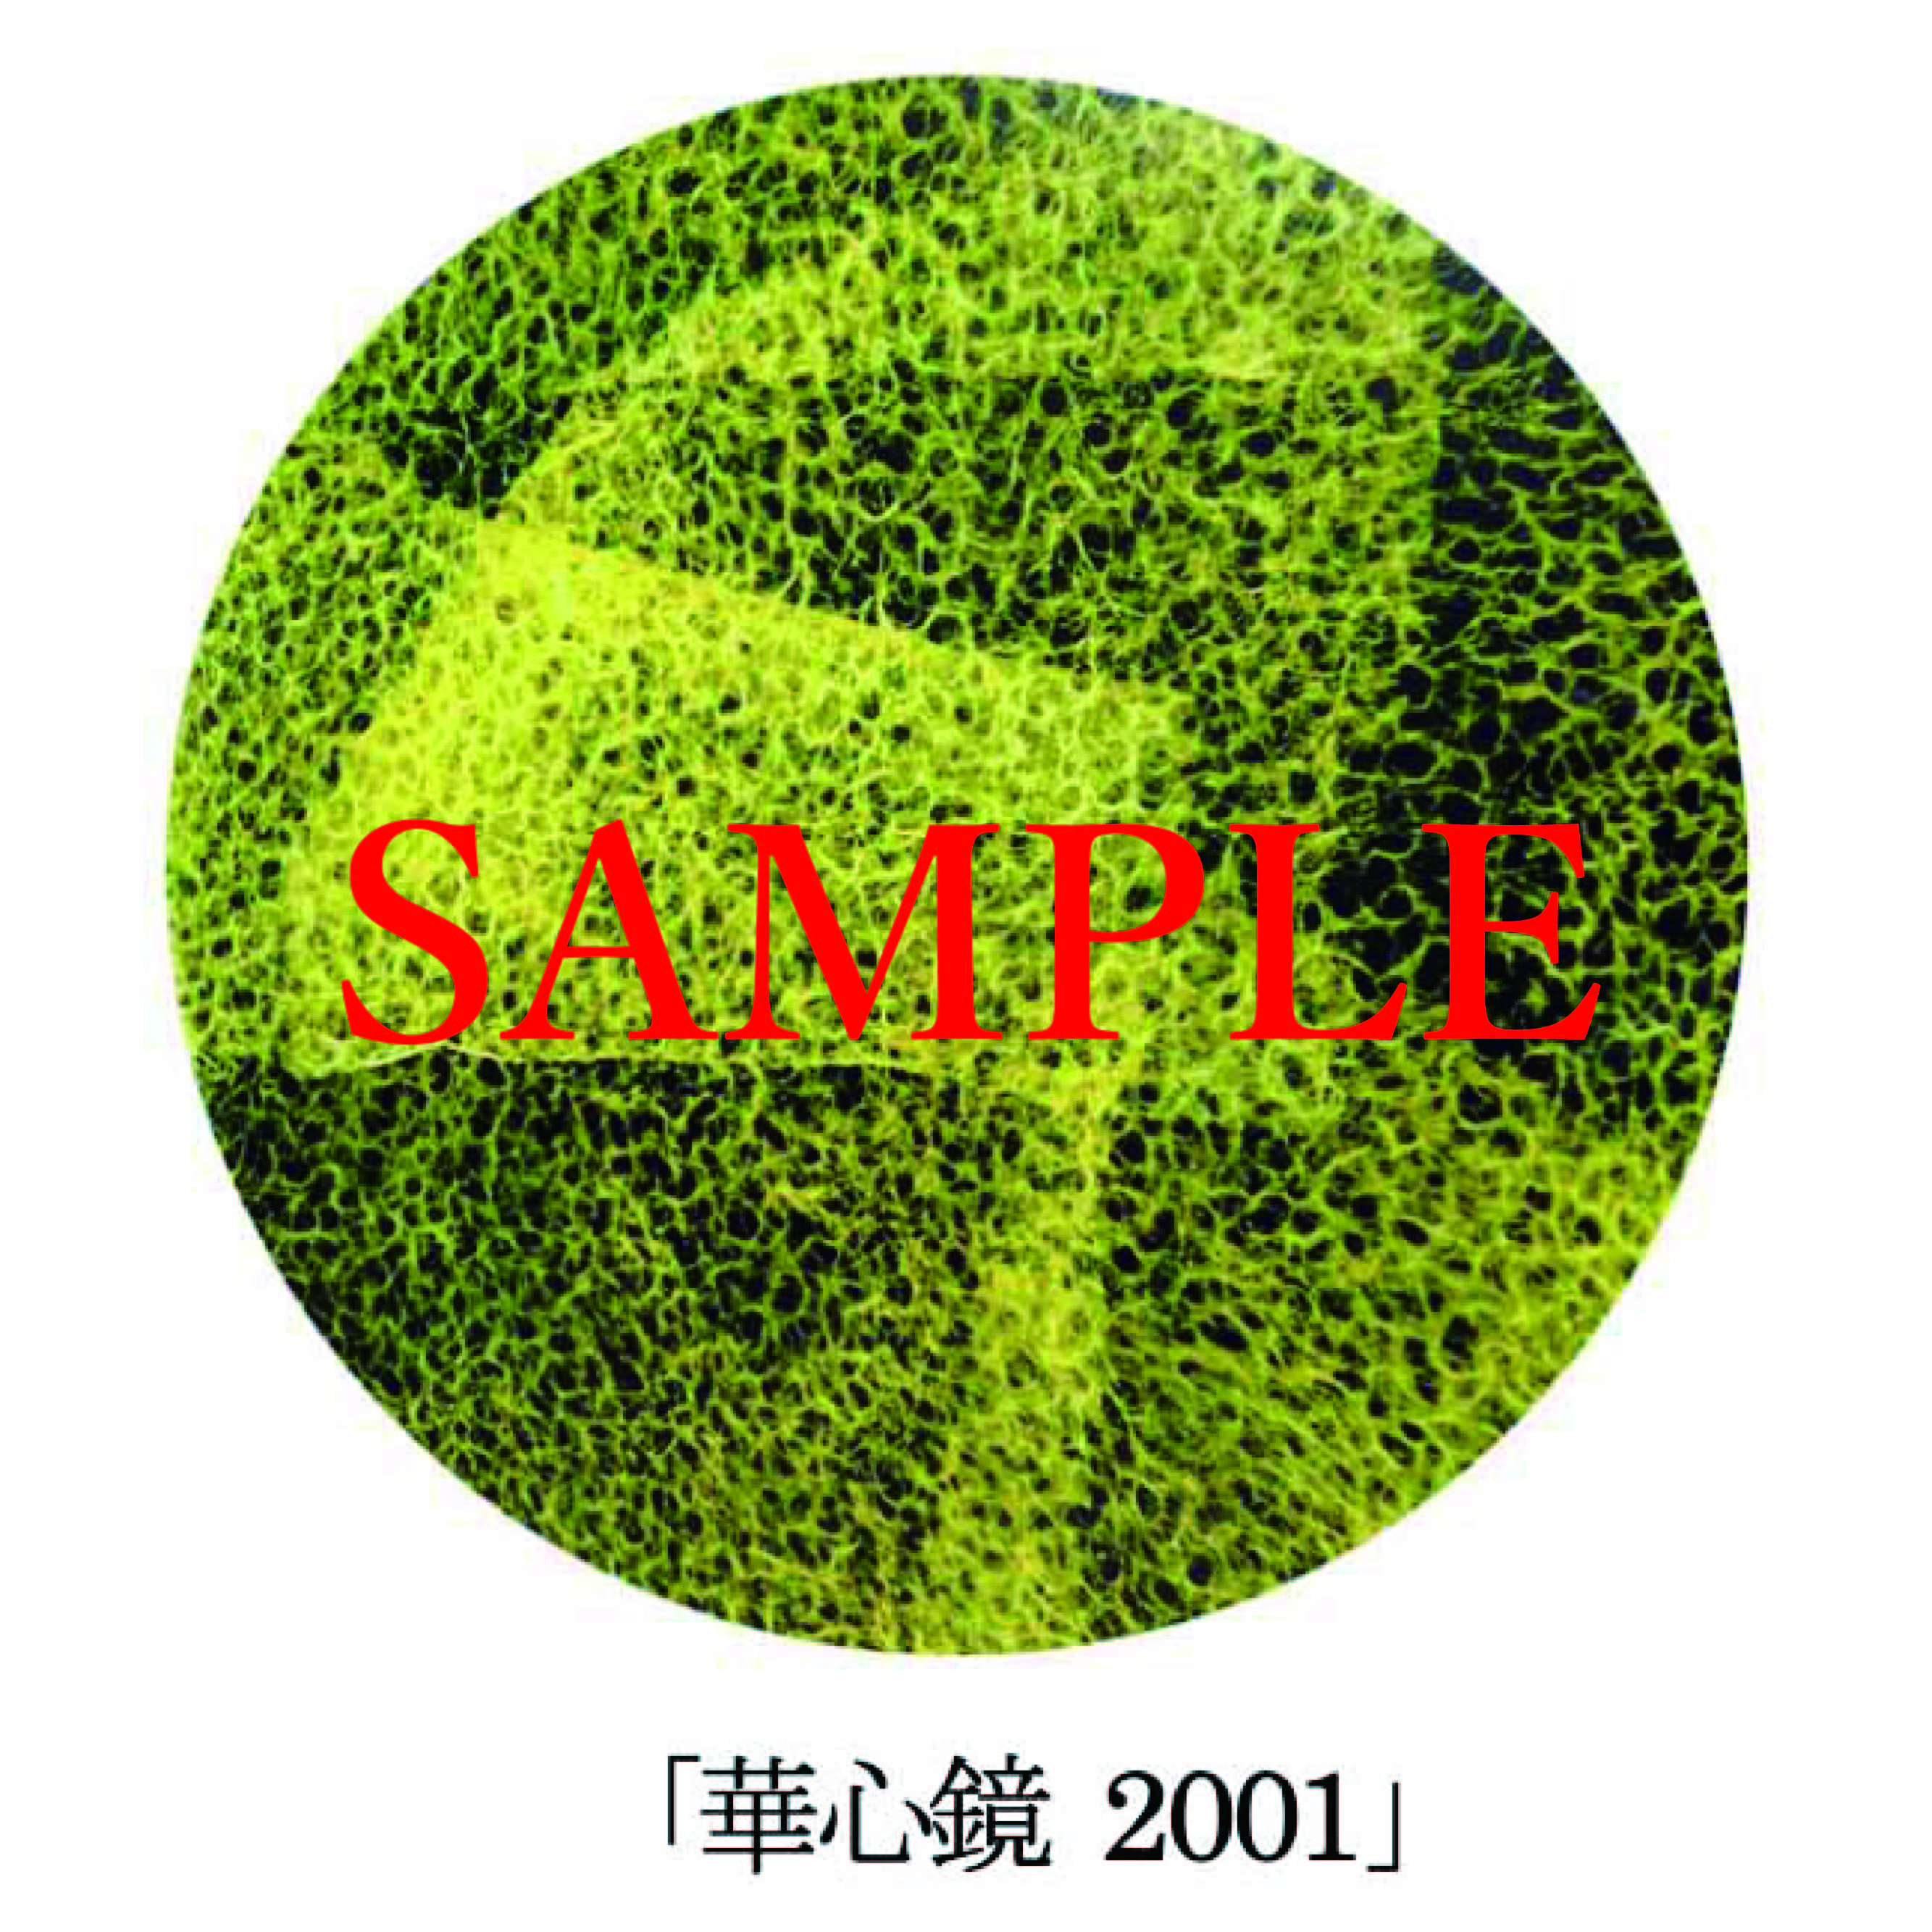 「華心鏡2001」【井坂健一郎作品華心鏡(かしんきょう)シリーズ】